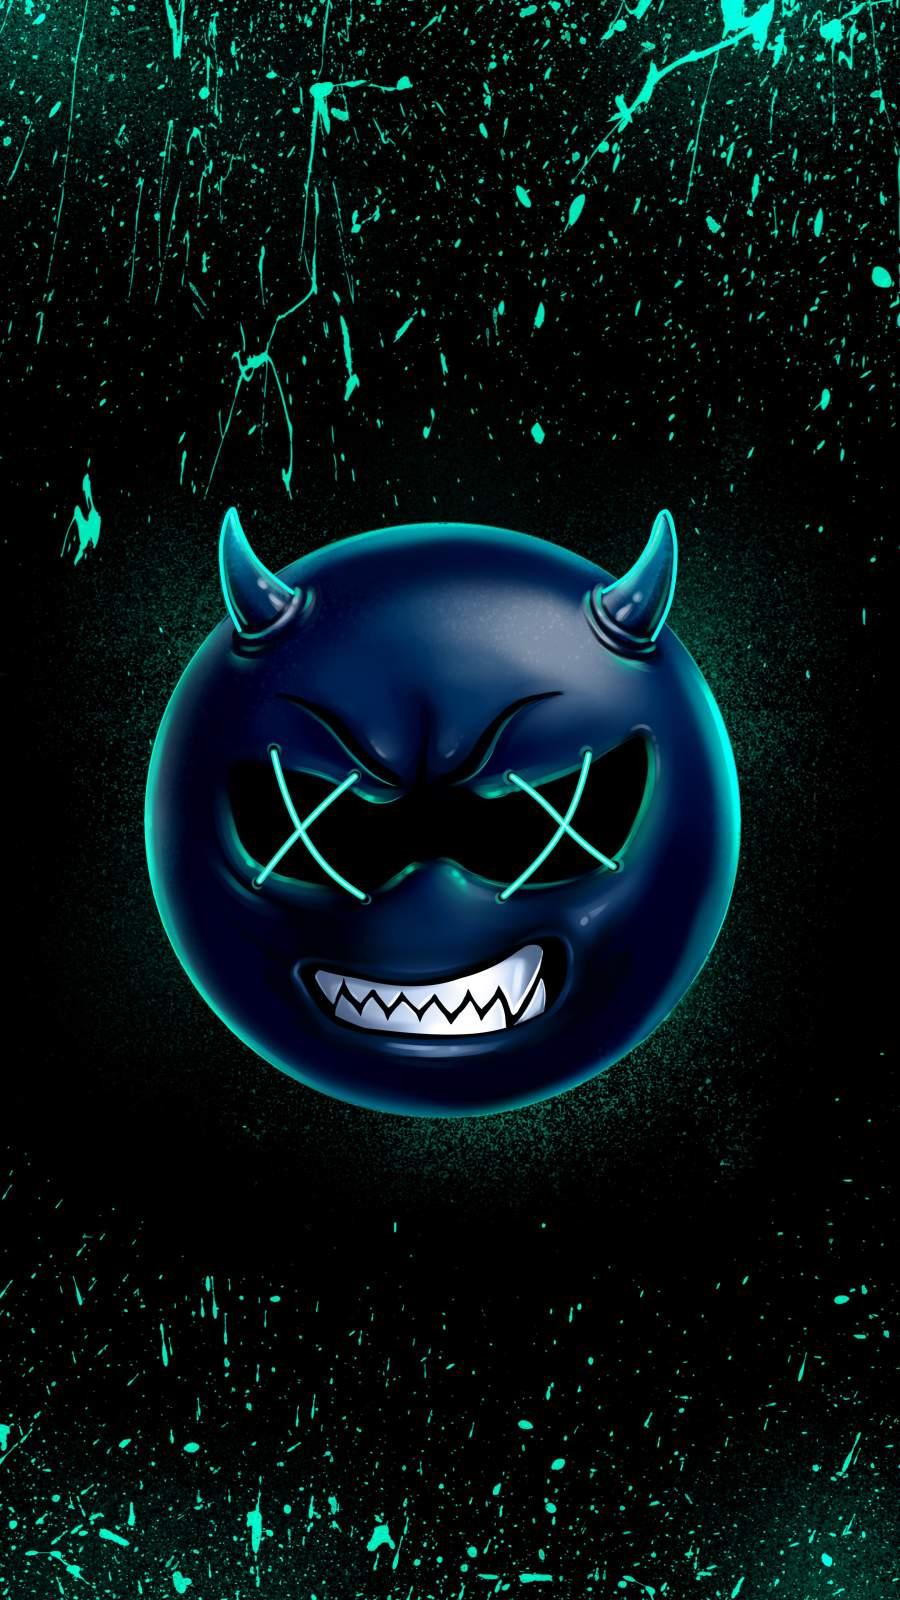 Devil Smile Emoji